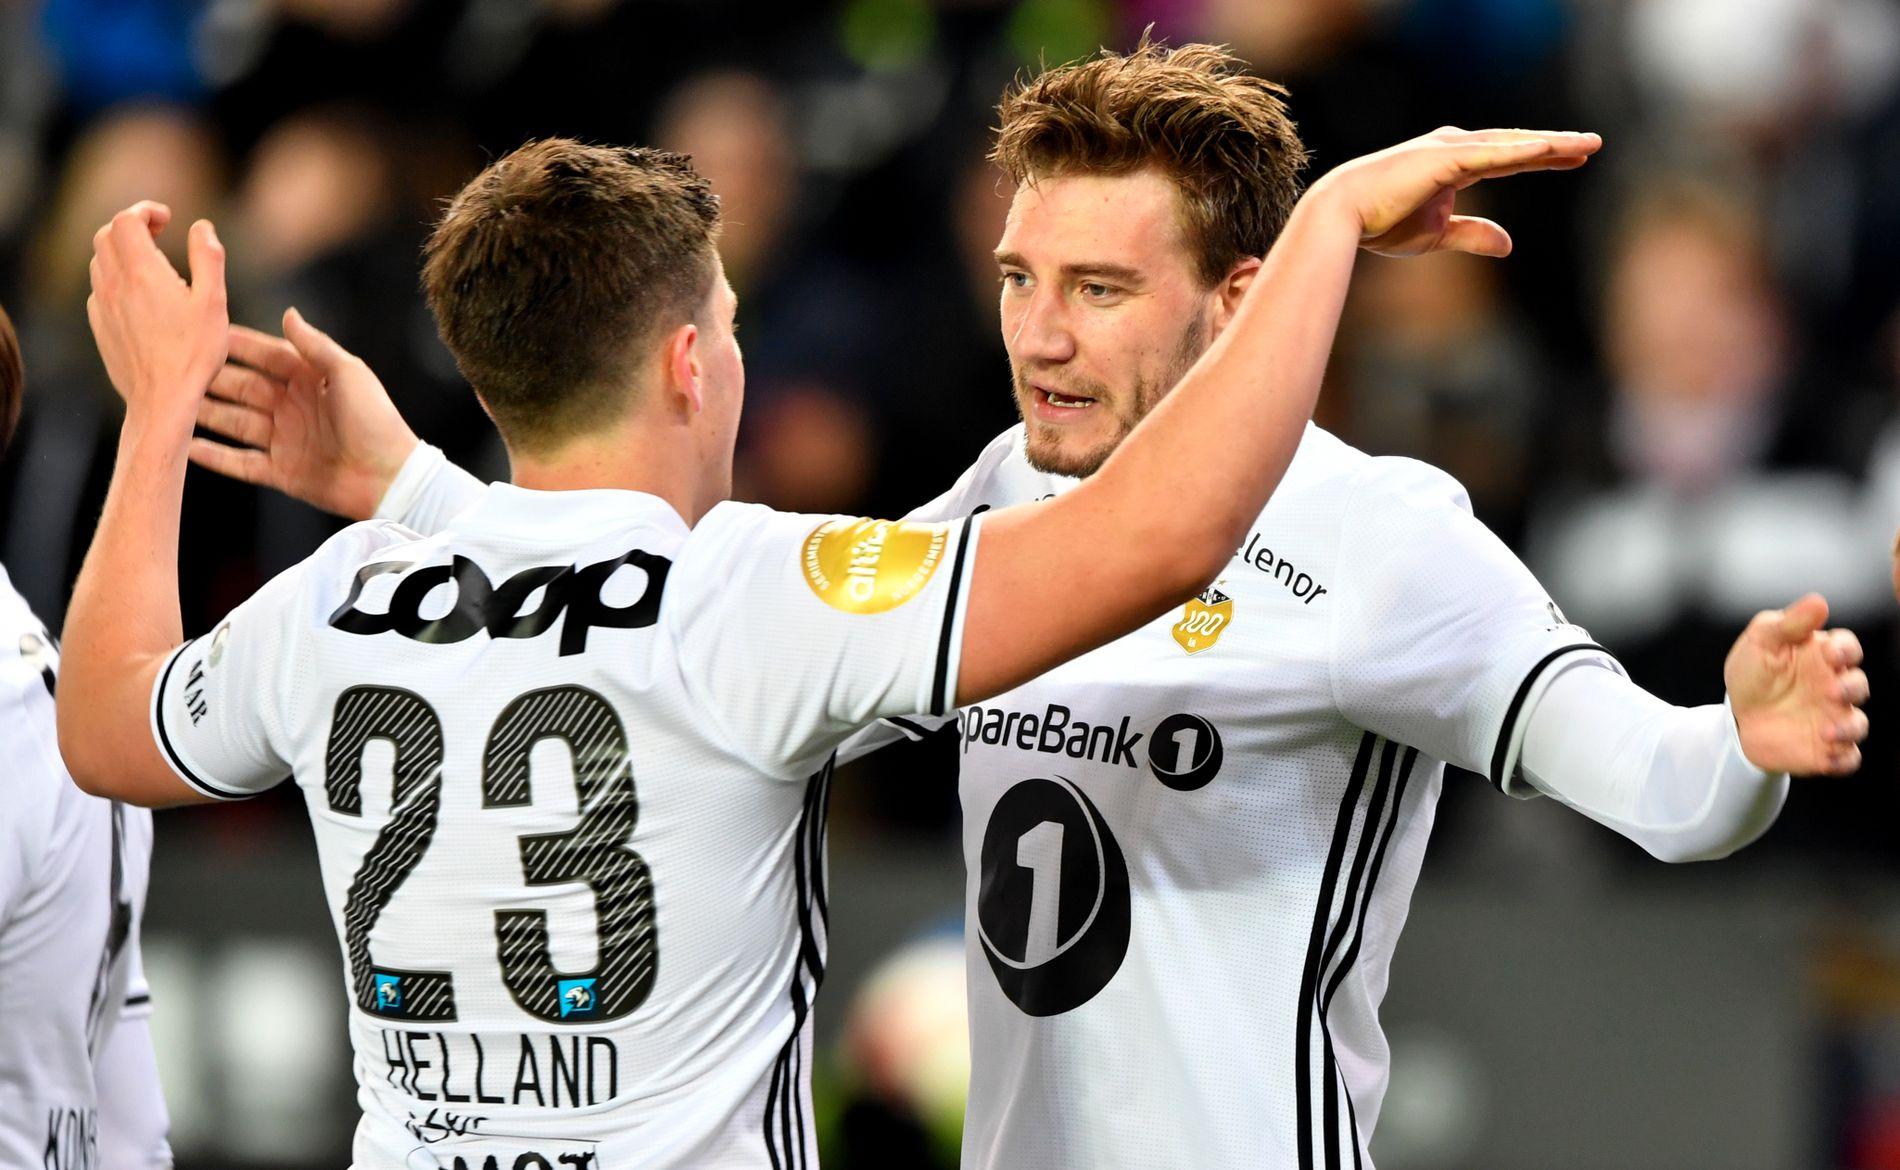 BENKET: Pål-André Helland og Nicklas Bendtner starter begge på benken for Rosenborg mot Sandefjord. Her feirer de scoring mot Odd søndag.